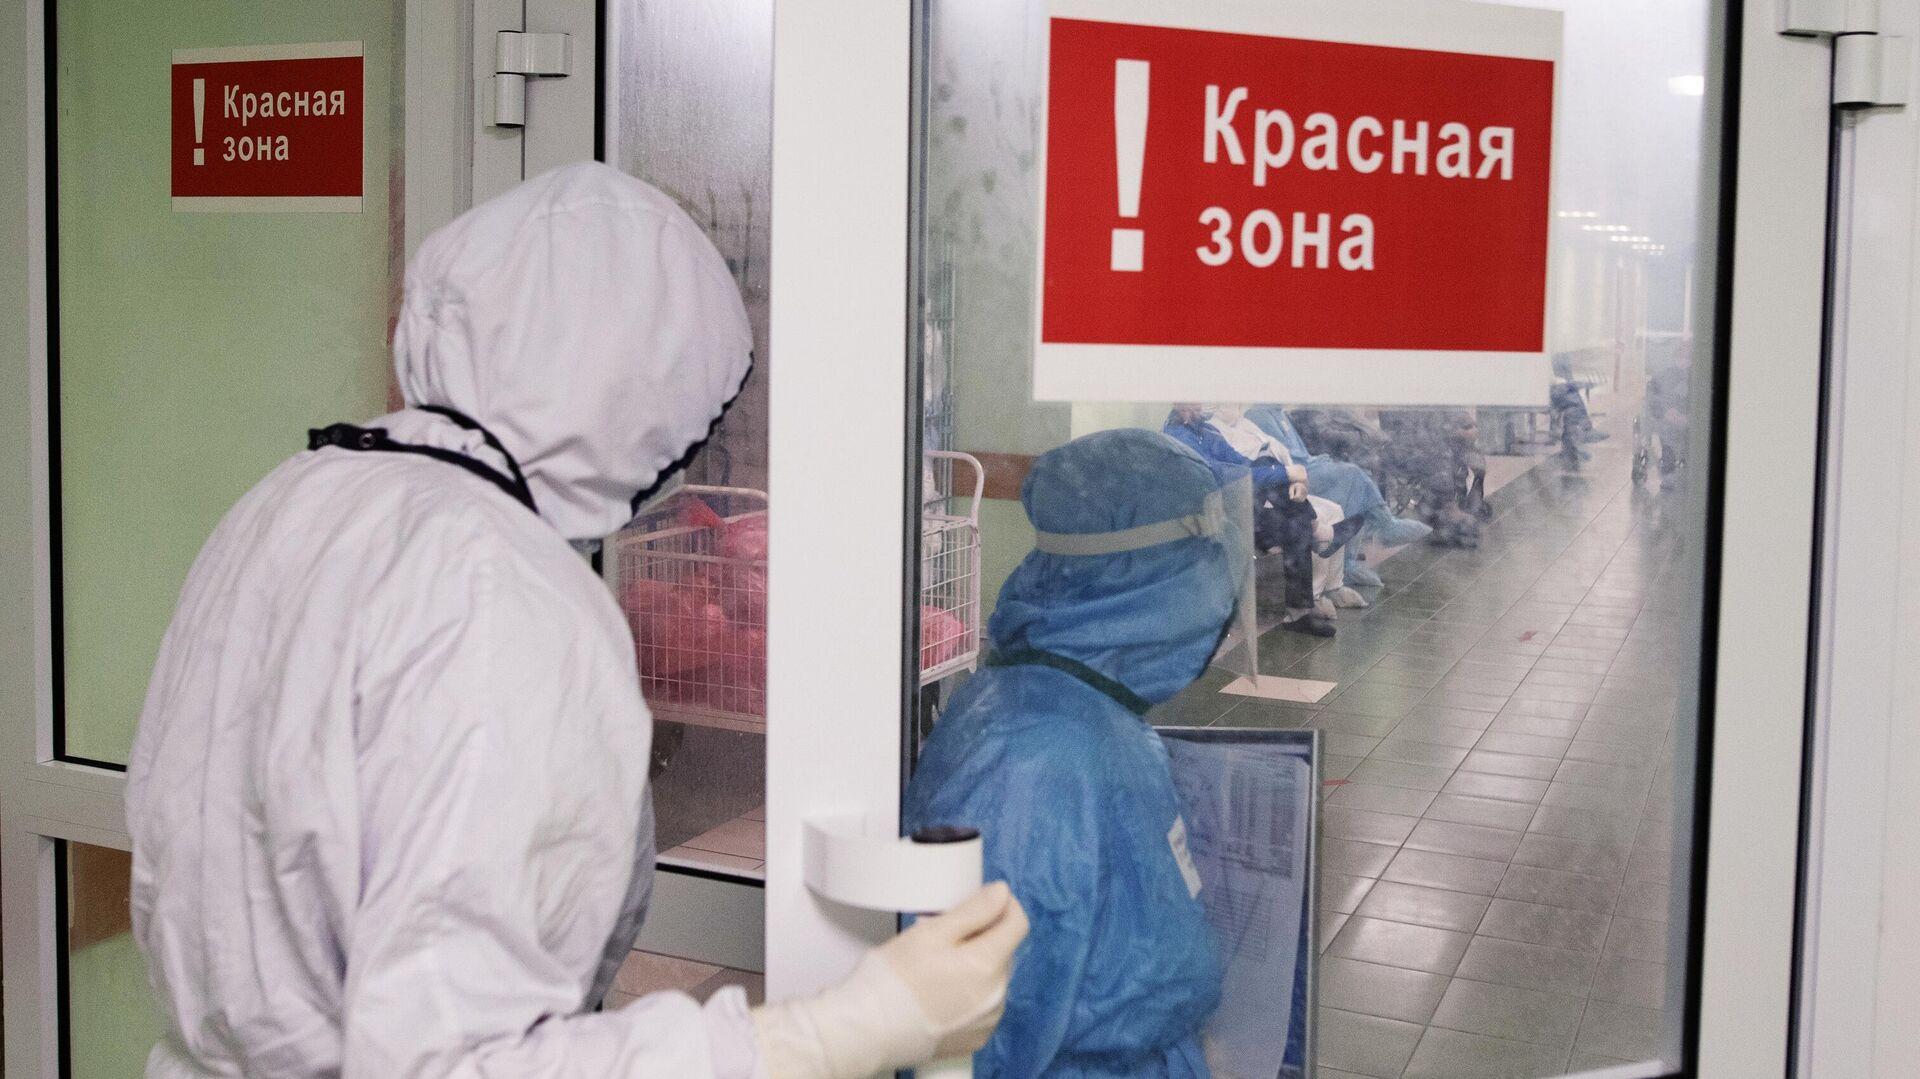 Медицинские сотрудники входят в красную зону городской клинической больницы № 15 имени О. М. Филатова в Москве - РИА Новости, 1920, 16.12.2020